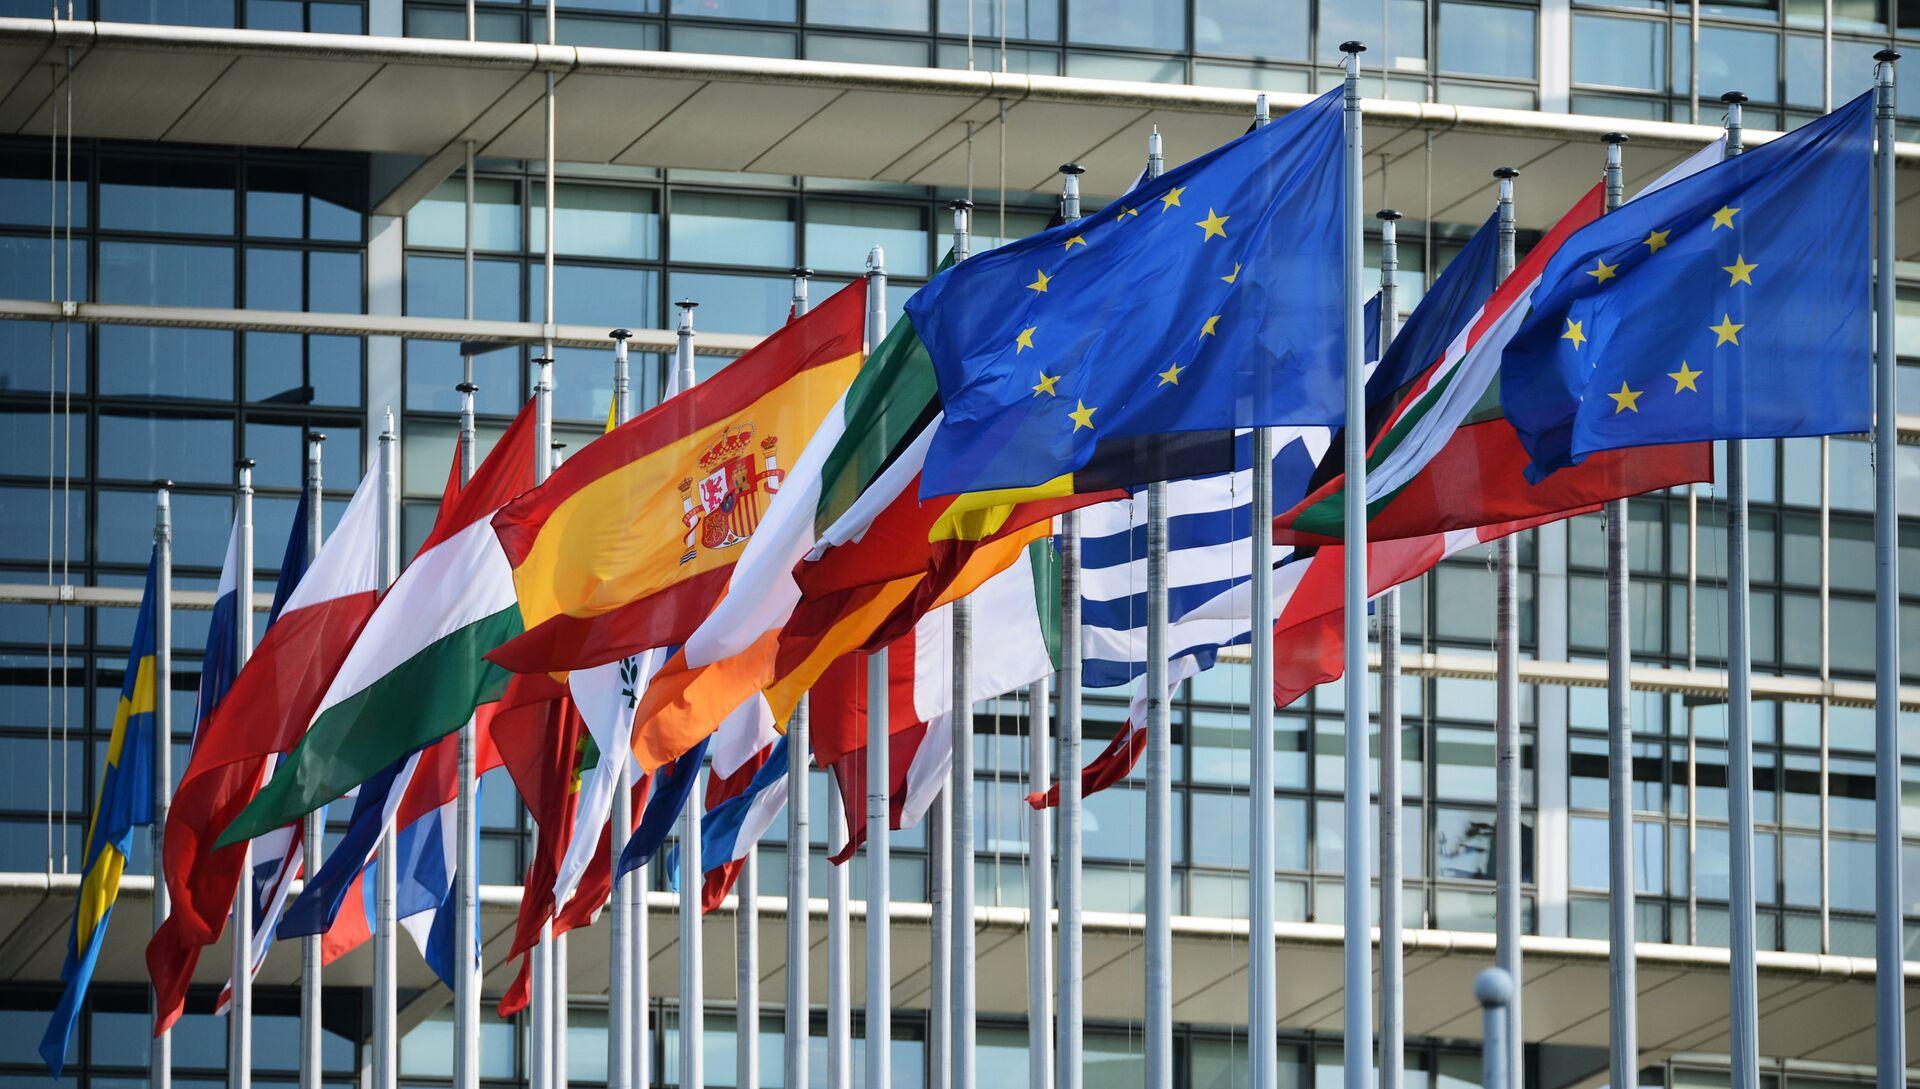 Флаги у здания Европейского парламента в Страсбурге - РИА Новости, 1920, 31.05.2021